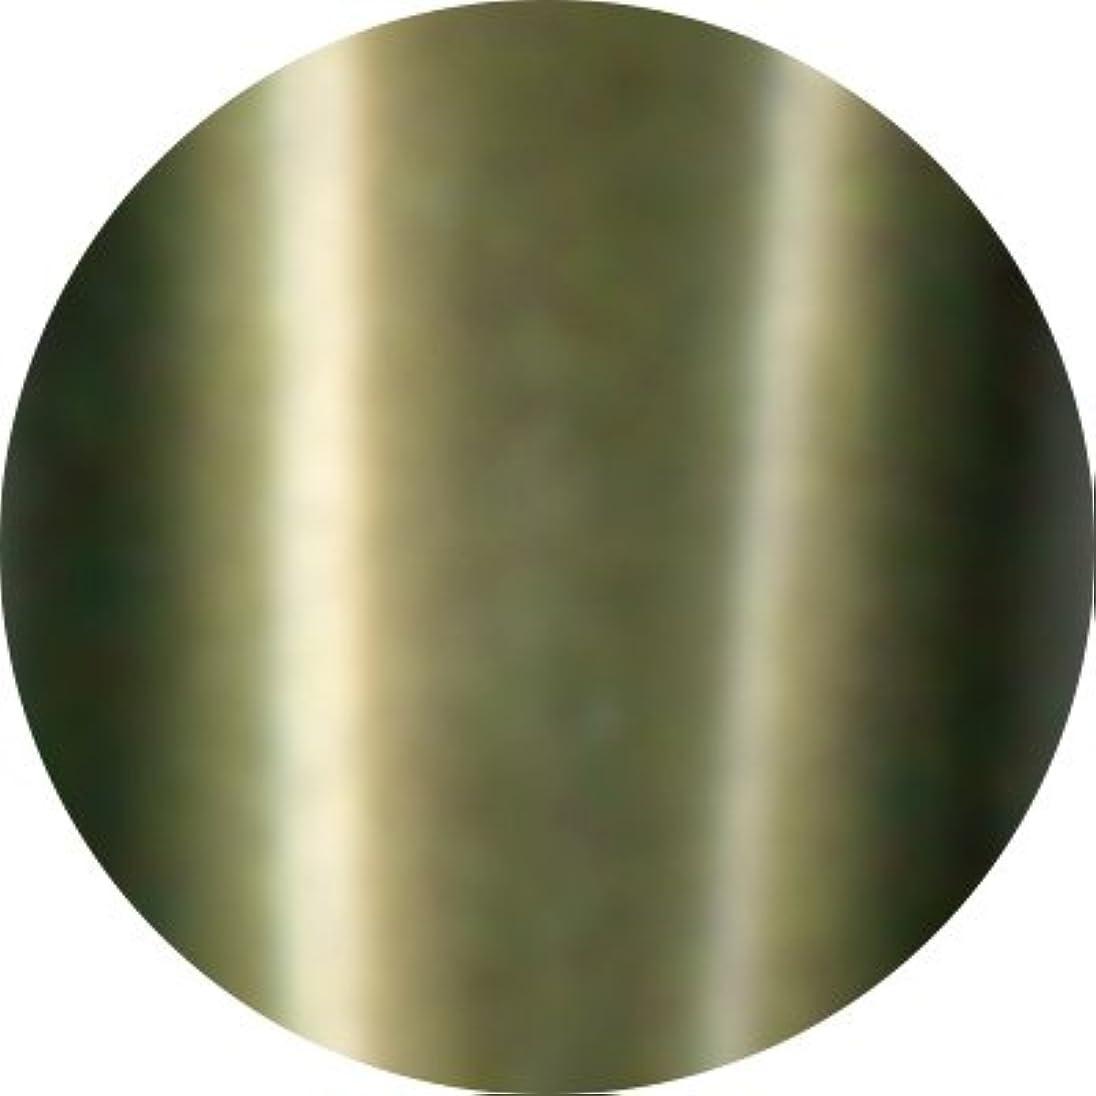 純度寝具幻滅するJewelry jel(ジュエリージェル) カラージェル 5ml<BR>メタリック MT032